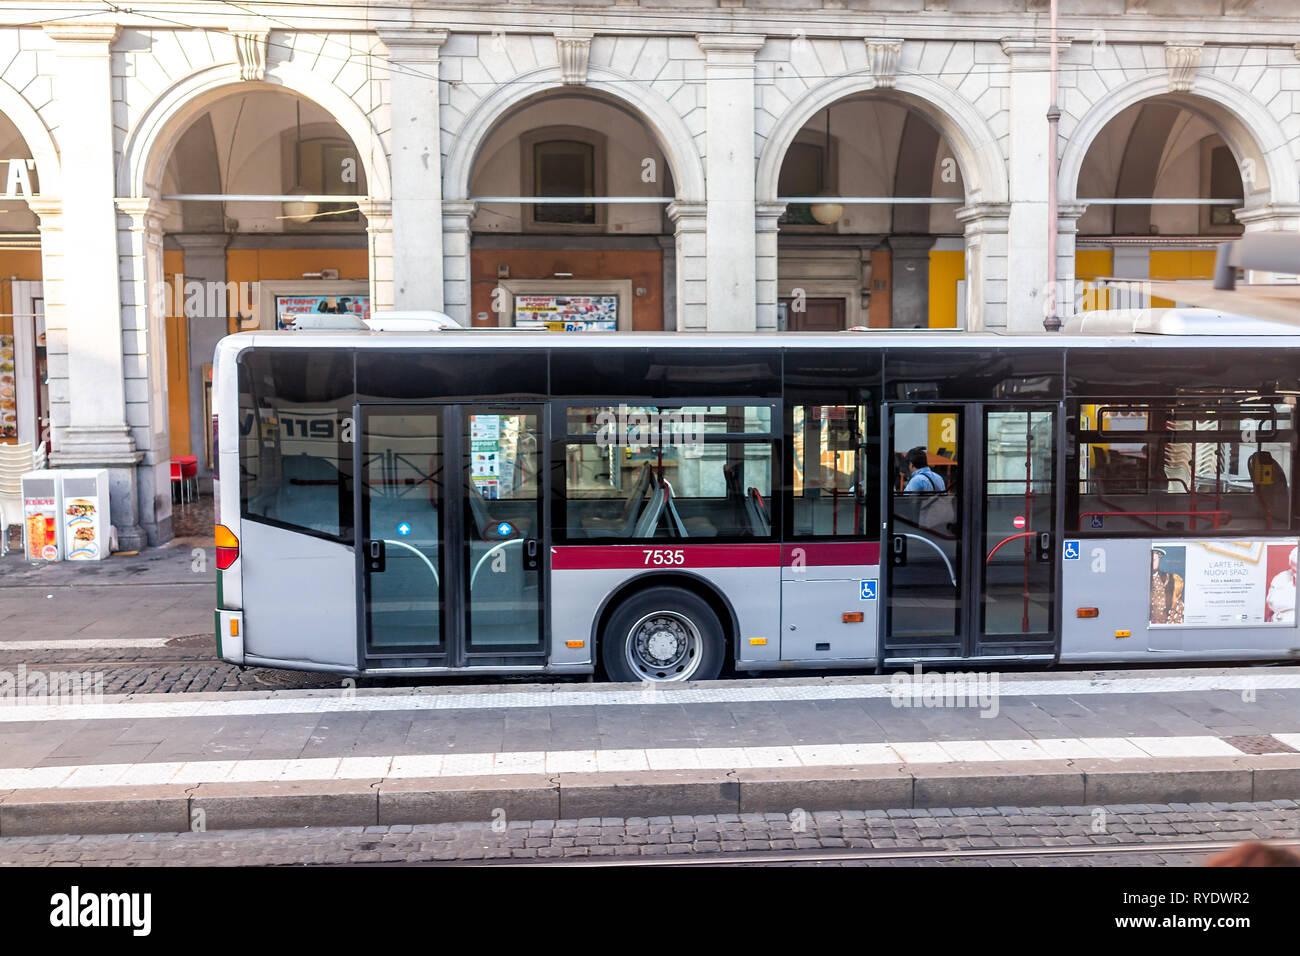 Roma, Italia - 6 Settembre 2018: Locale città italiana strada fuori ad alto angolo di visione locale di autobus pubblico itransportation nel rione Monti vicino a termine Immagini Stock